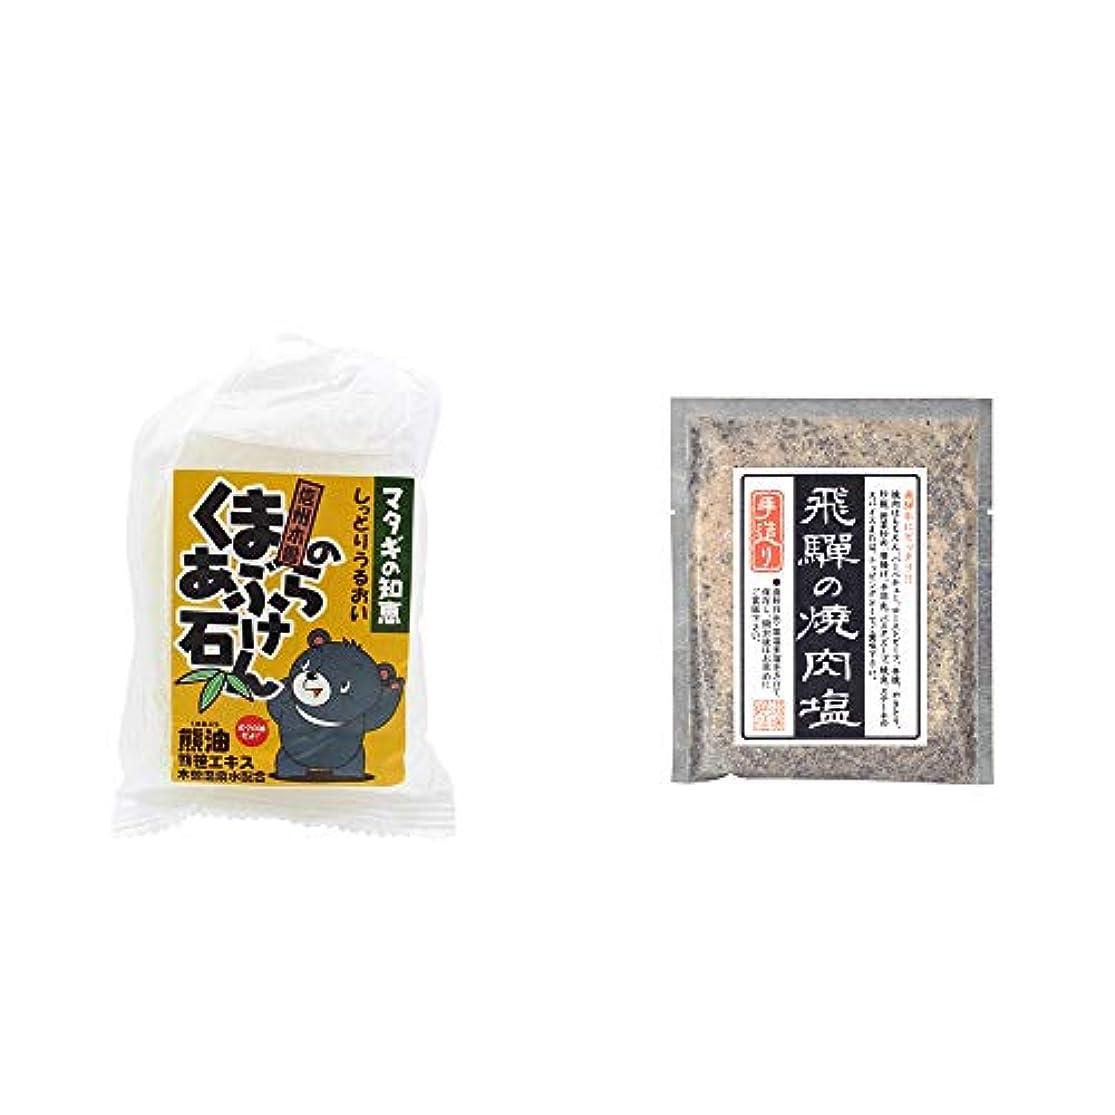 使役クモ焦がす[2点セット] 信州木曽 くまのあぶら石けん(80g)?手造り 飛騨の焼肉塩(80g)